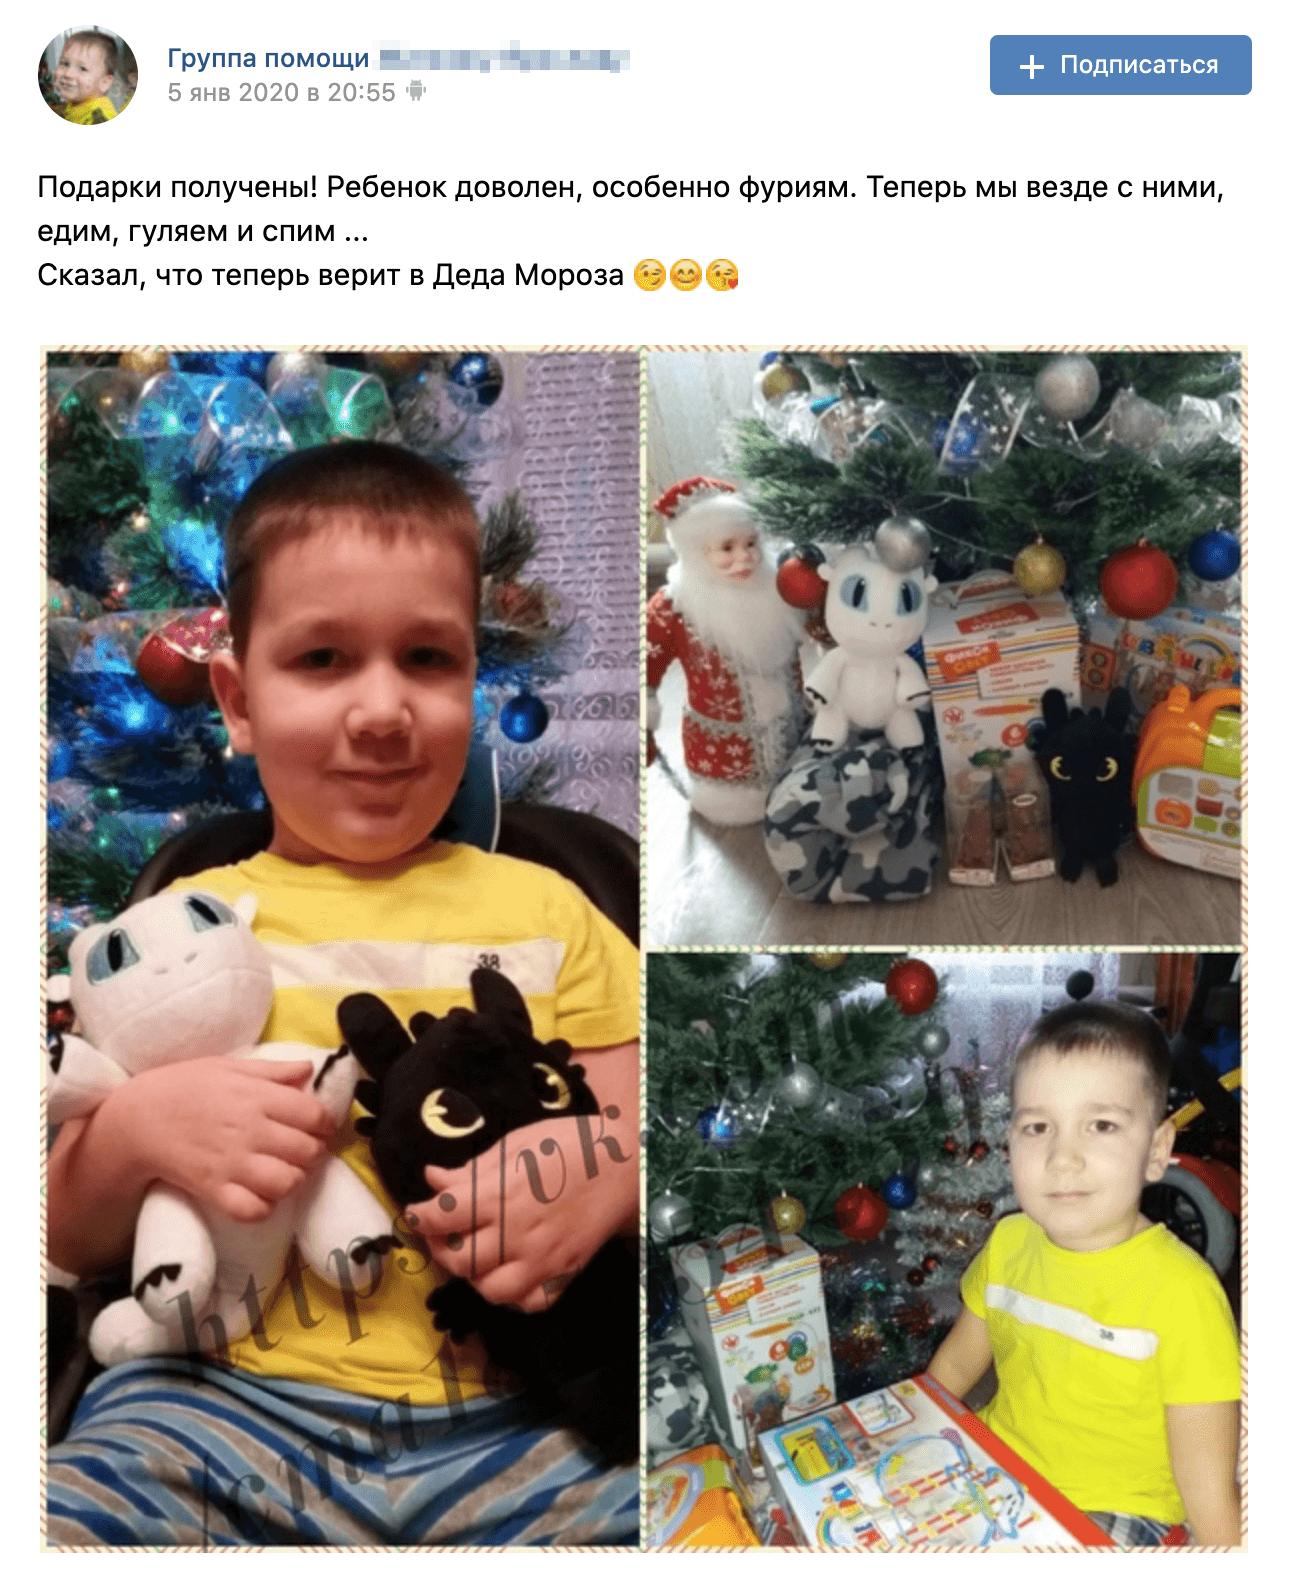 Сбор на лечение этого мальчика завершен, но мама продолжает вести группу, потомучто он по-прежнему болен. Думаю, это реальный аккаунт